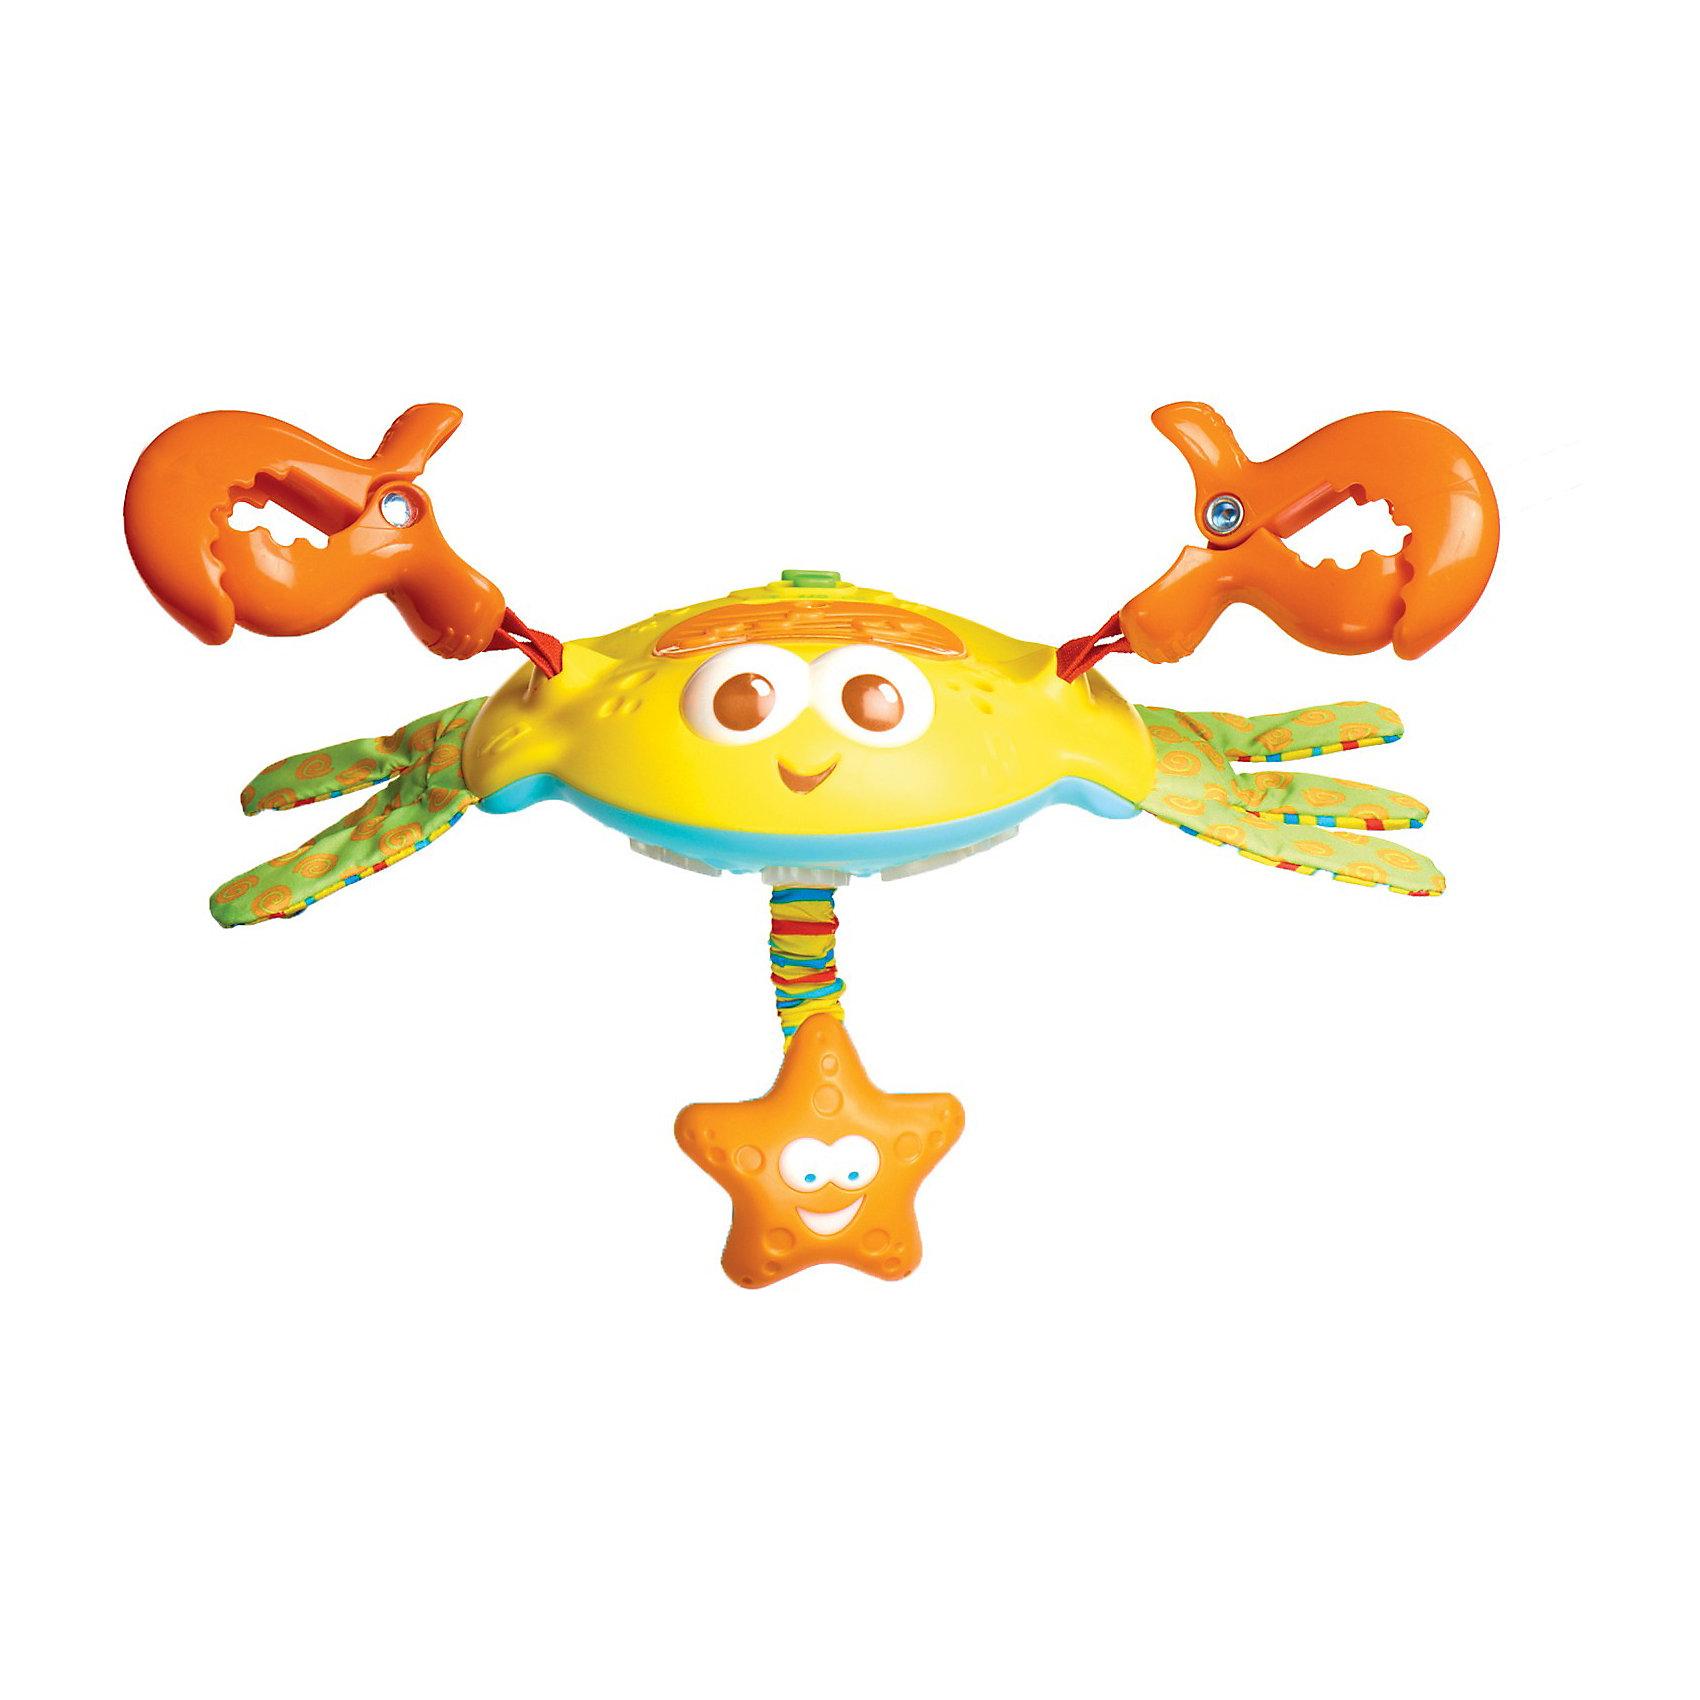 Электронная подвесная игрушка Краб Себастиан, Tiny LoveЭлектронная подвесная игрушка Краб Себастиан, Tiny Love (Тини Лав)<br><br> Забавная электронная игрушка с 2 клешнями–прищепками, с помощью которых она крепится к дугам ковриков, прогулочным коляскам, кроваткам и автокреслам. Две клешни-карабина обеспечивают безопасное и надежное крепление ко всем современным типам детского оборудования.  Забавная подвеска-краб  Себастиан со звуковыми и световыми эффектами станет прекрасным другом для вашего малыша.  Тело краба выполнено из пластика и представляет собой интерактивный музыкальный центр с мигающими цветными огоньками и встроенным динамиком.<br>  <br>На голове расположены регулировки громкости и рычажок переключения режимов. К брюшку краба прикреплена подвесная игрушка в виде морской звезды выполняющая одновременно функции безопасного прорезывателя. Игрушка оснащена электронным блоком, способным воспроизводить 5 различных мелодий общей продолжительностью около 15 минут.  Доступны независимые и совместные режимы использования света и музыки. Также игрушка снабжена регулятором громкости (в том числе доступен беззвучный режим).  <br><br>Дополнительно:<br>Для работы необходимы: батарейки 3 шт. ААА (в комплект не входят)<br>Размеры игрушки: 28 (с клешнями) х15 см.<br><br>Электронную подвесную  игрушку Краб Себастиан, Tiny Love (Тини Лав) можно купить в нашем интернет – магазине.<br><br>Ширина мм: 85<br>Глубина мм: 280<br>Высота мм: 280<br>Вес г: 600<br>Возраст от месяцев: 0<br>Возраст до месяцев: 24<br>Пол: Унисекс<br>Возраст: Детский<br>SKU: 3421201